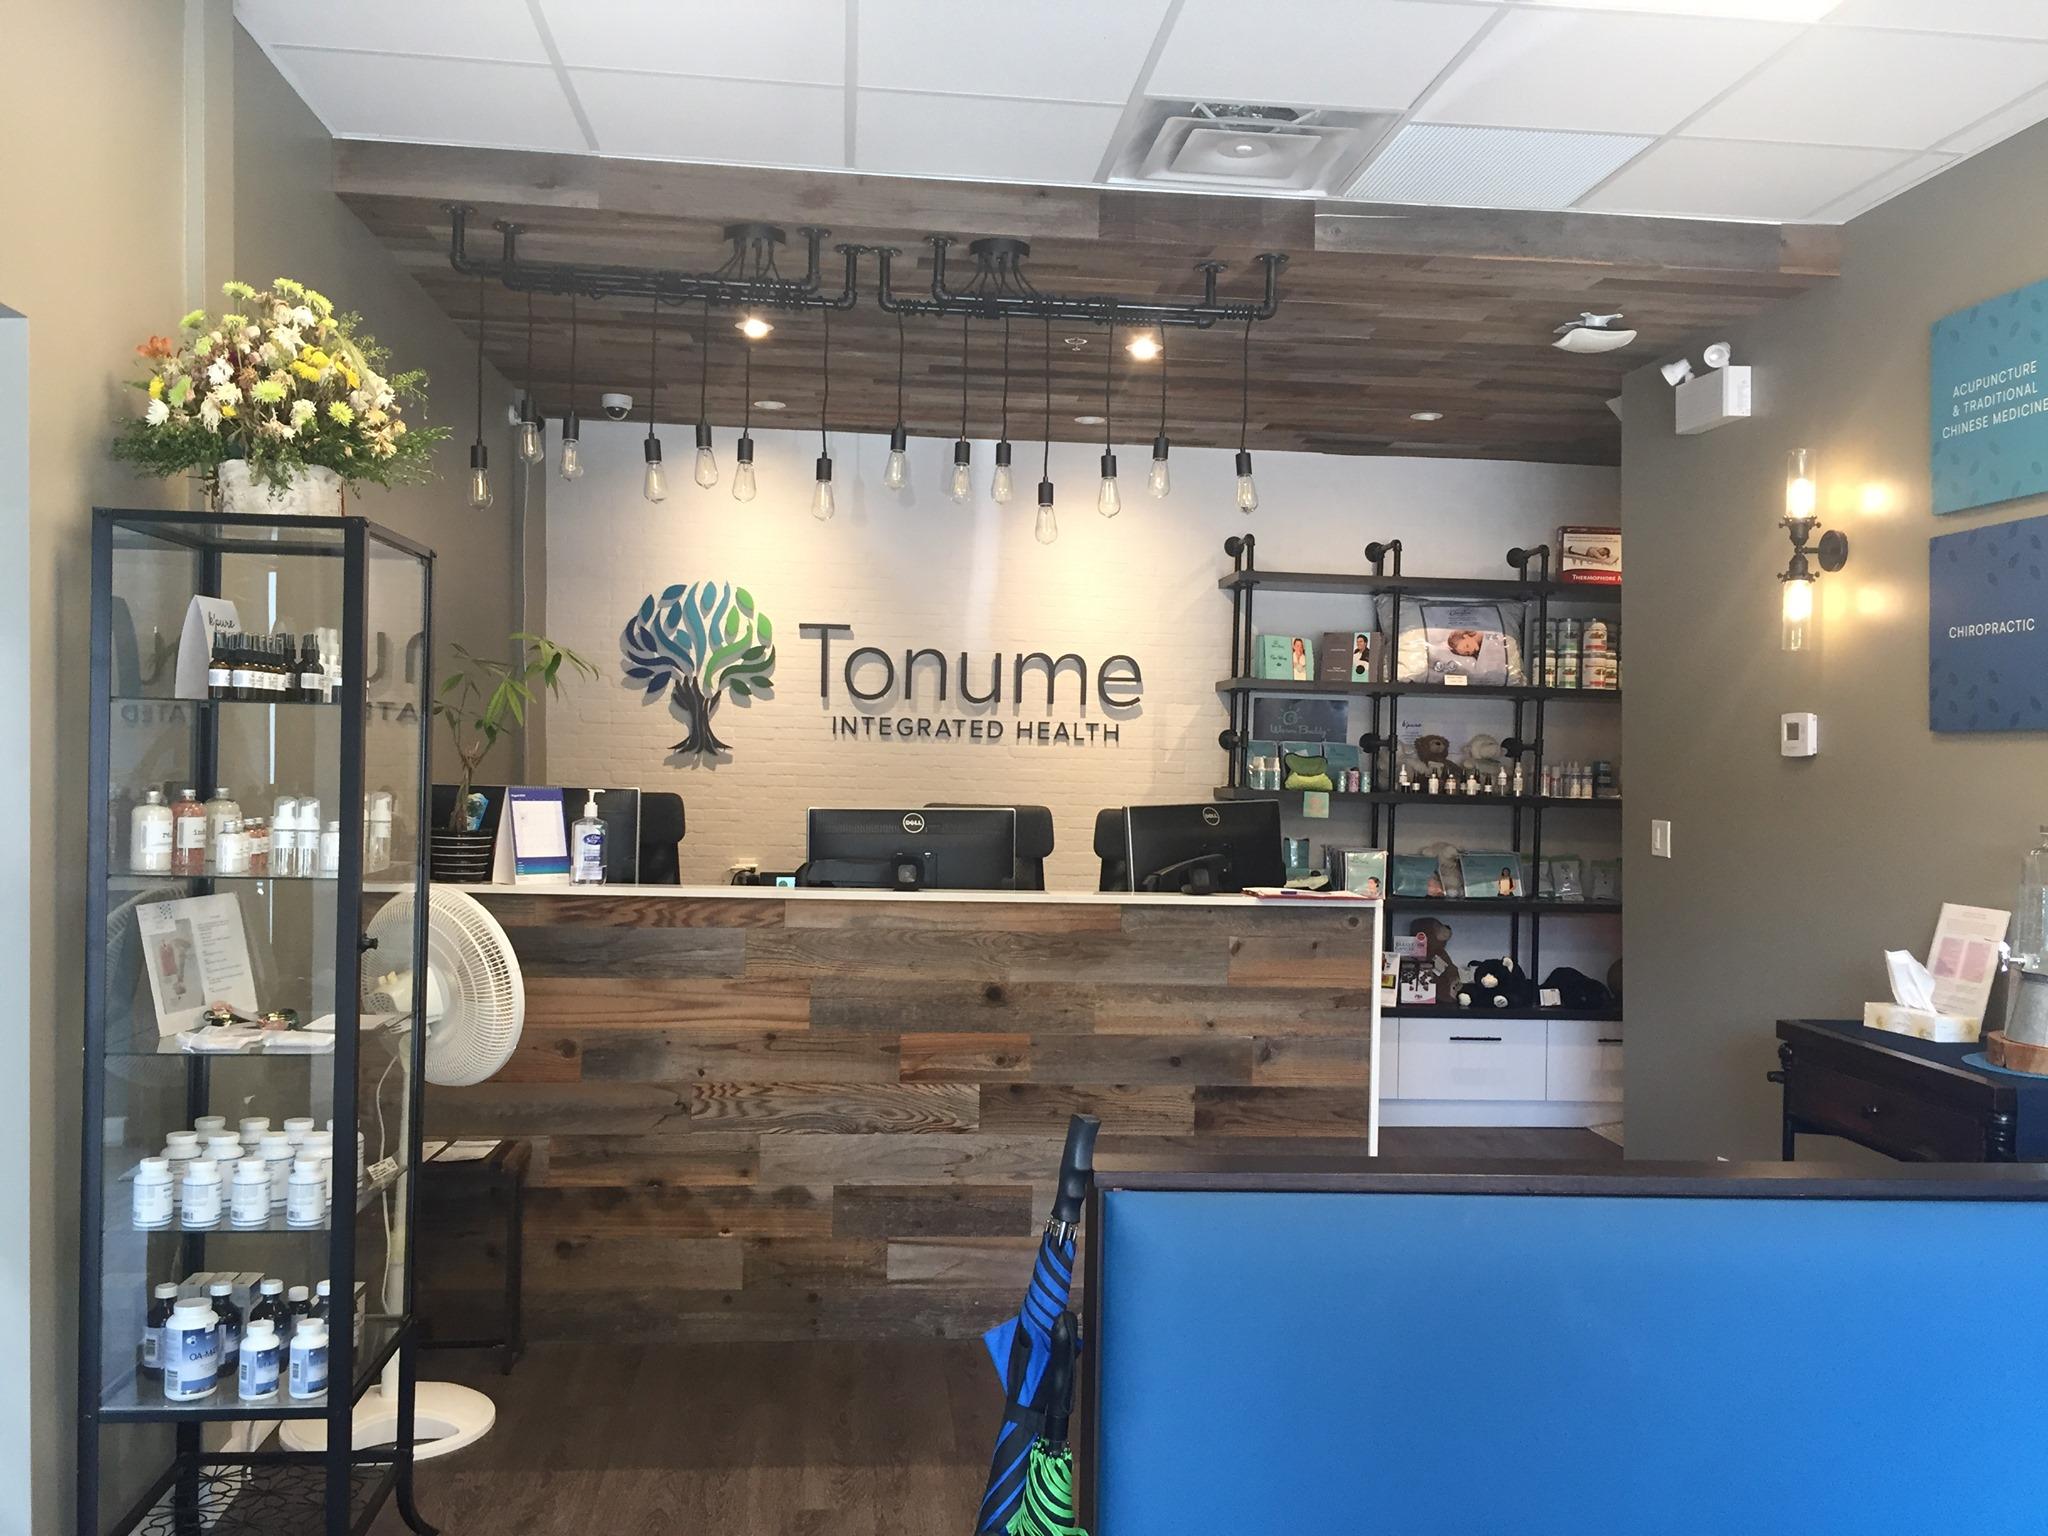 Tonume Integrated Health